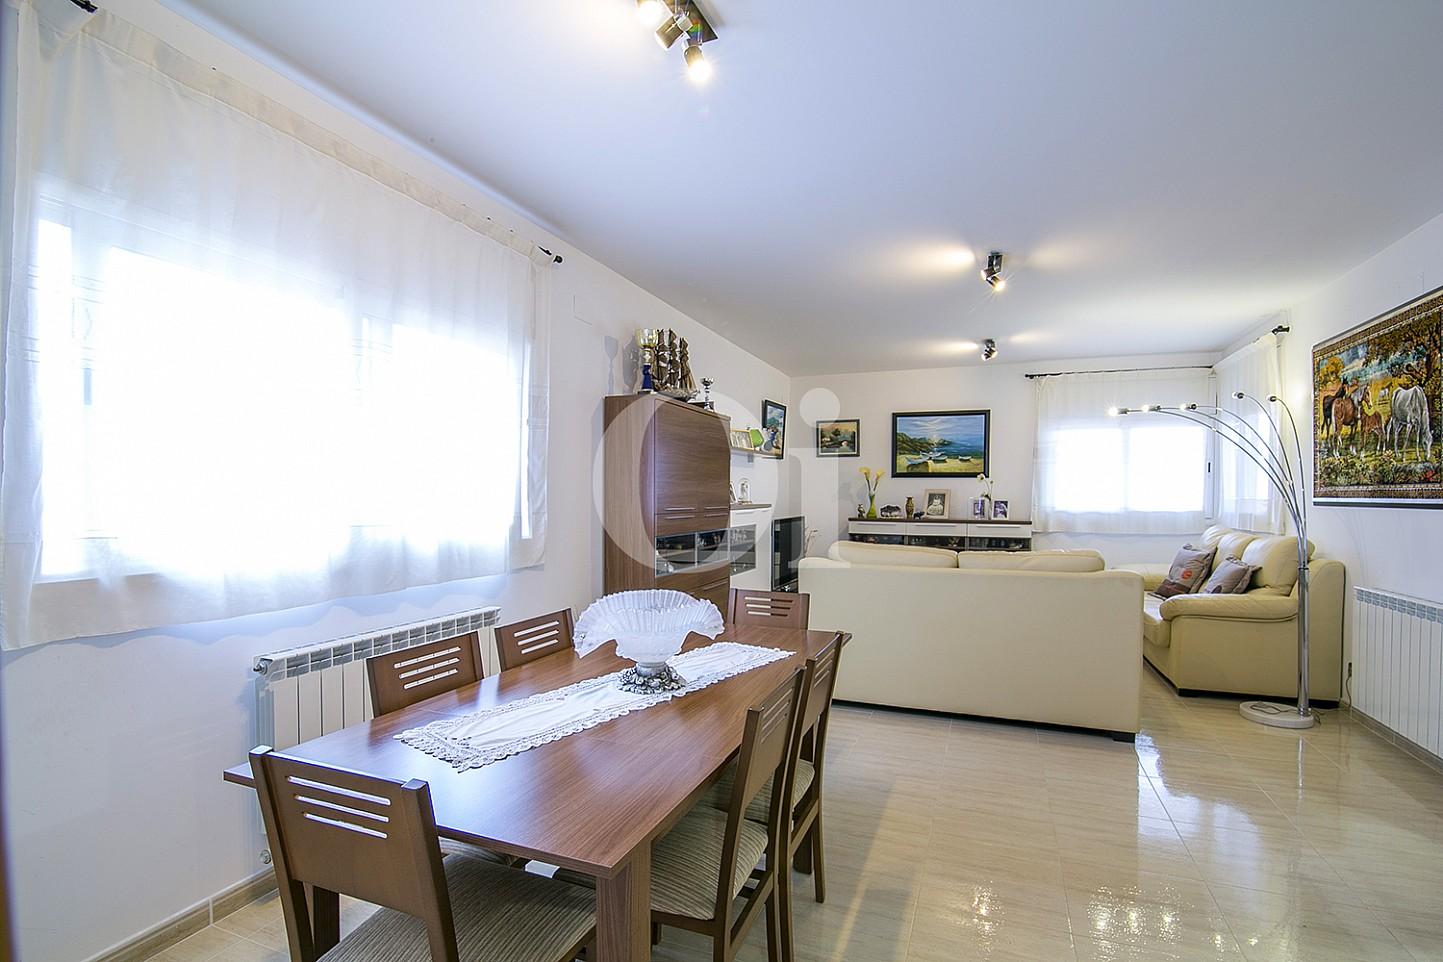 Wohn-Esszimmer eines Hauses mit Anblicken zum Verkauf in Lloret de Mar, Costa Brava